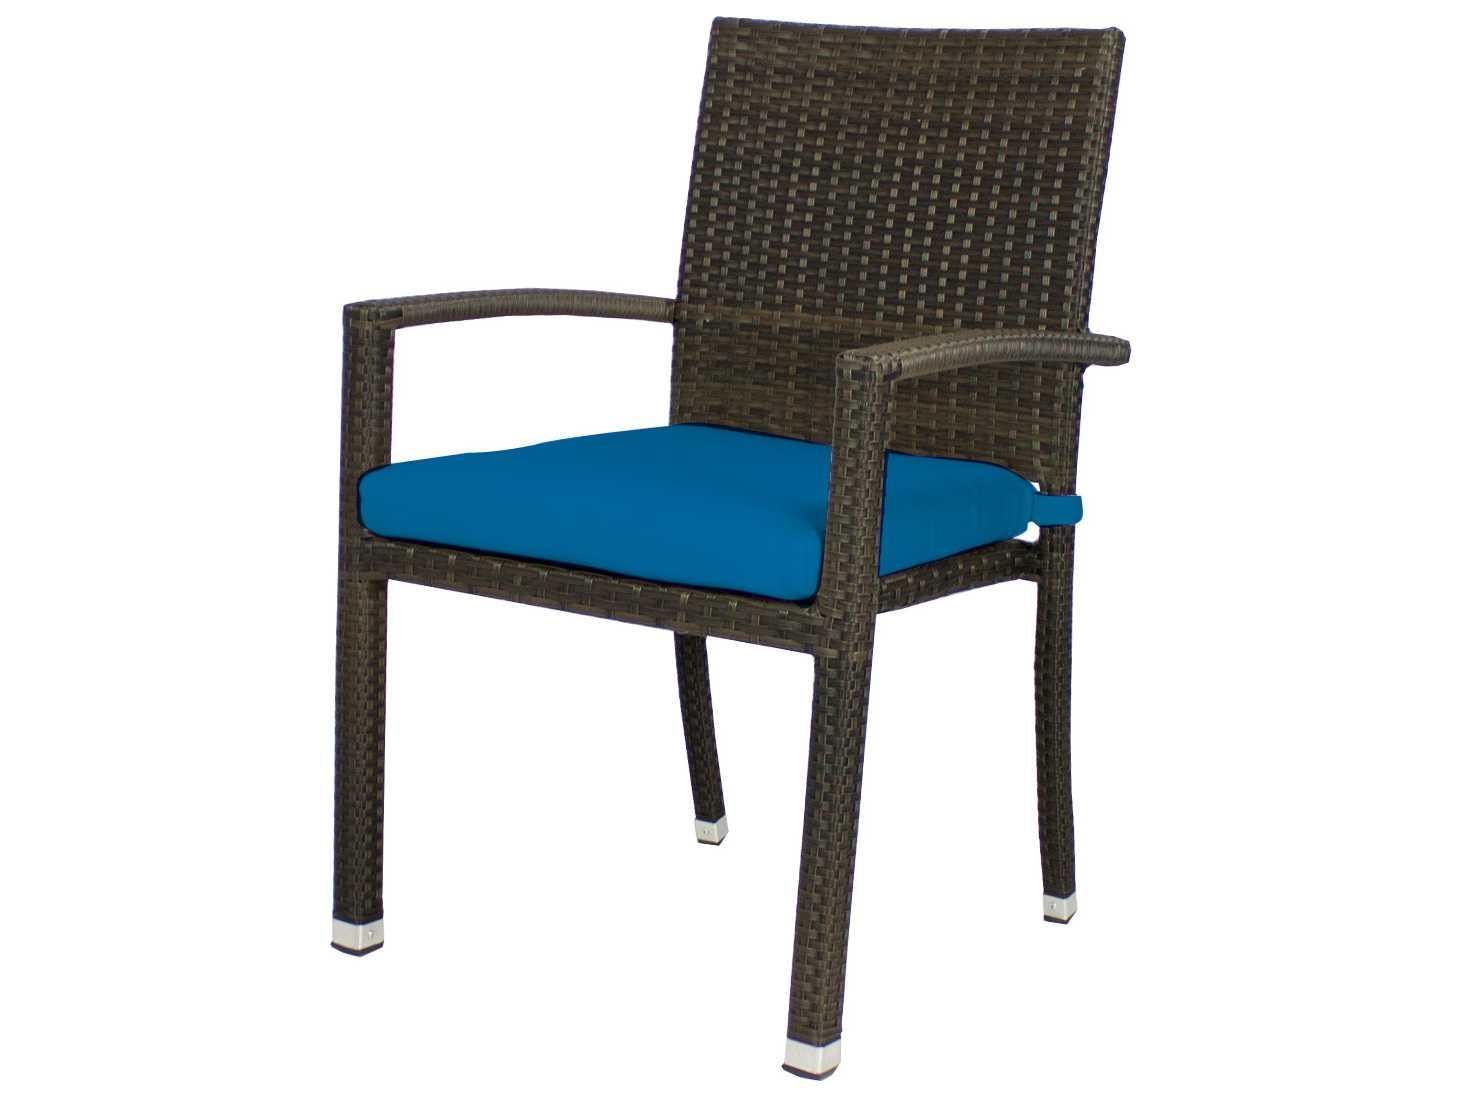 Source outdoor furniture zen wicker dining set zendinset1 for Source outdoor furniture